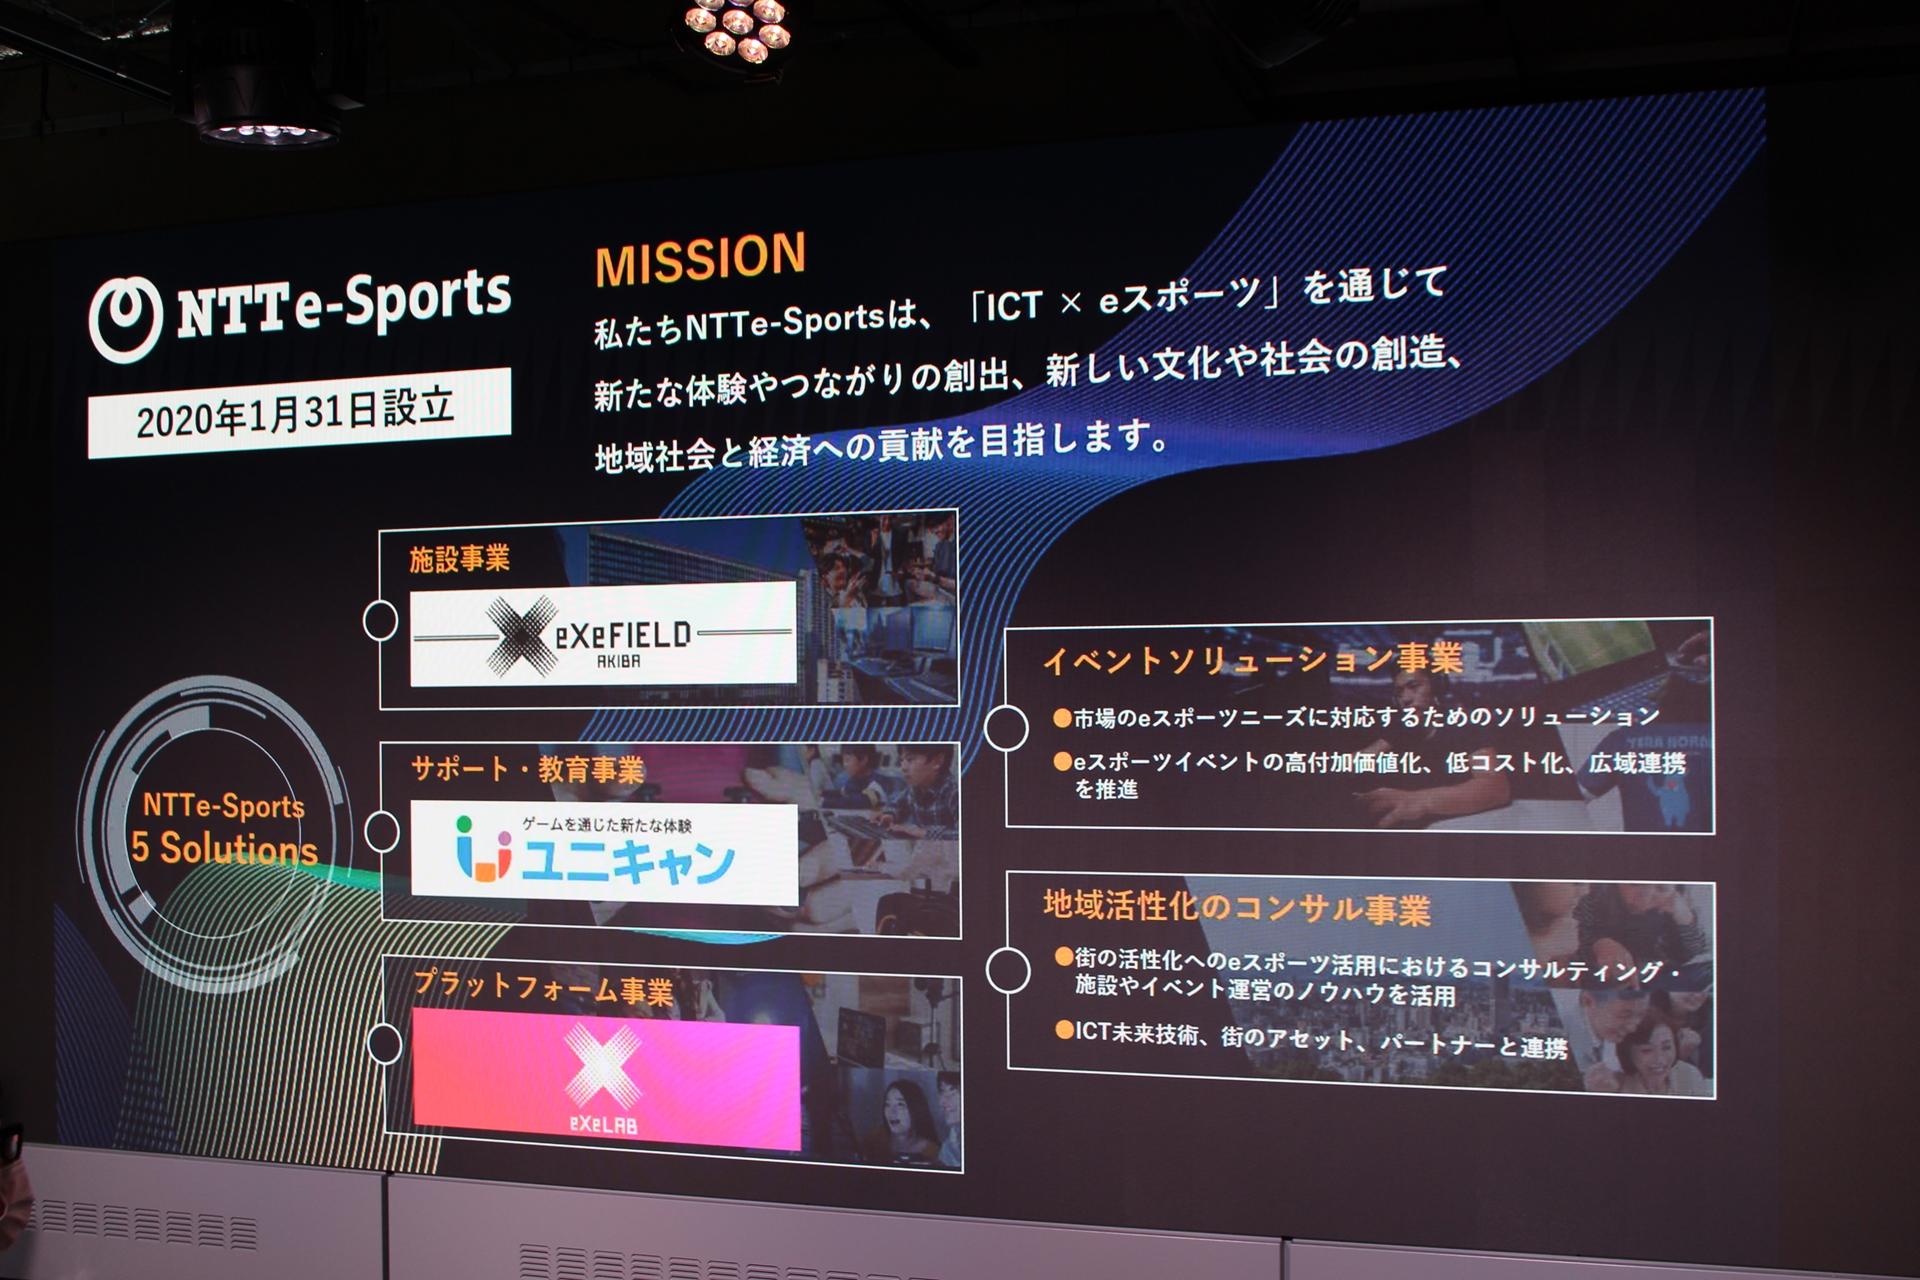 NTTe-Sportsが掲げる5つのミッション。そのひとつの「施設事業」が、この「eXeField Akiba」となる